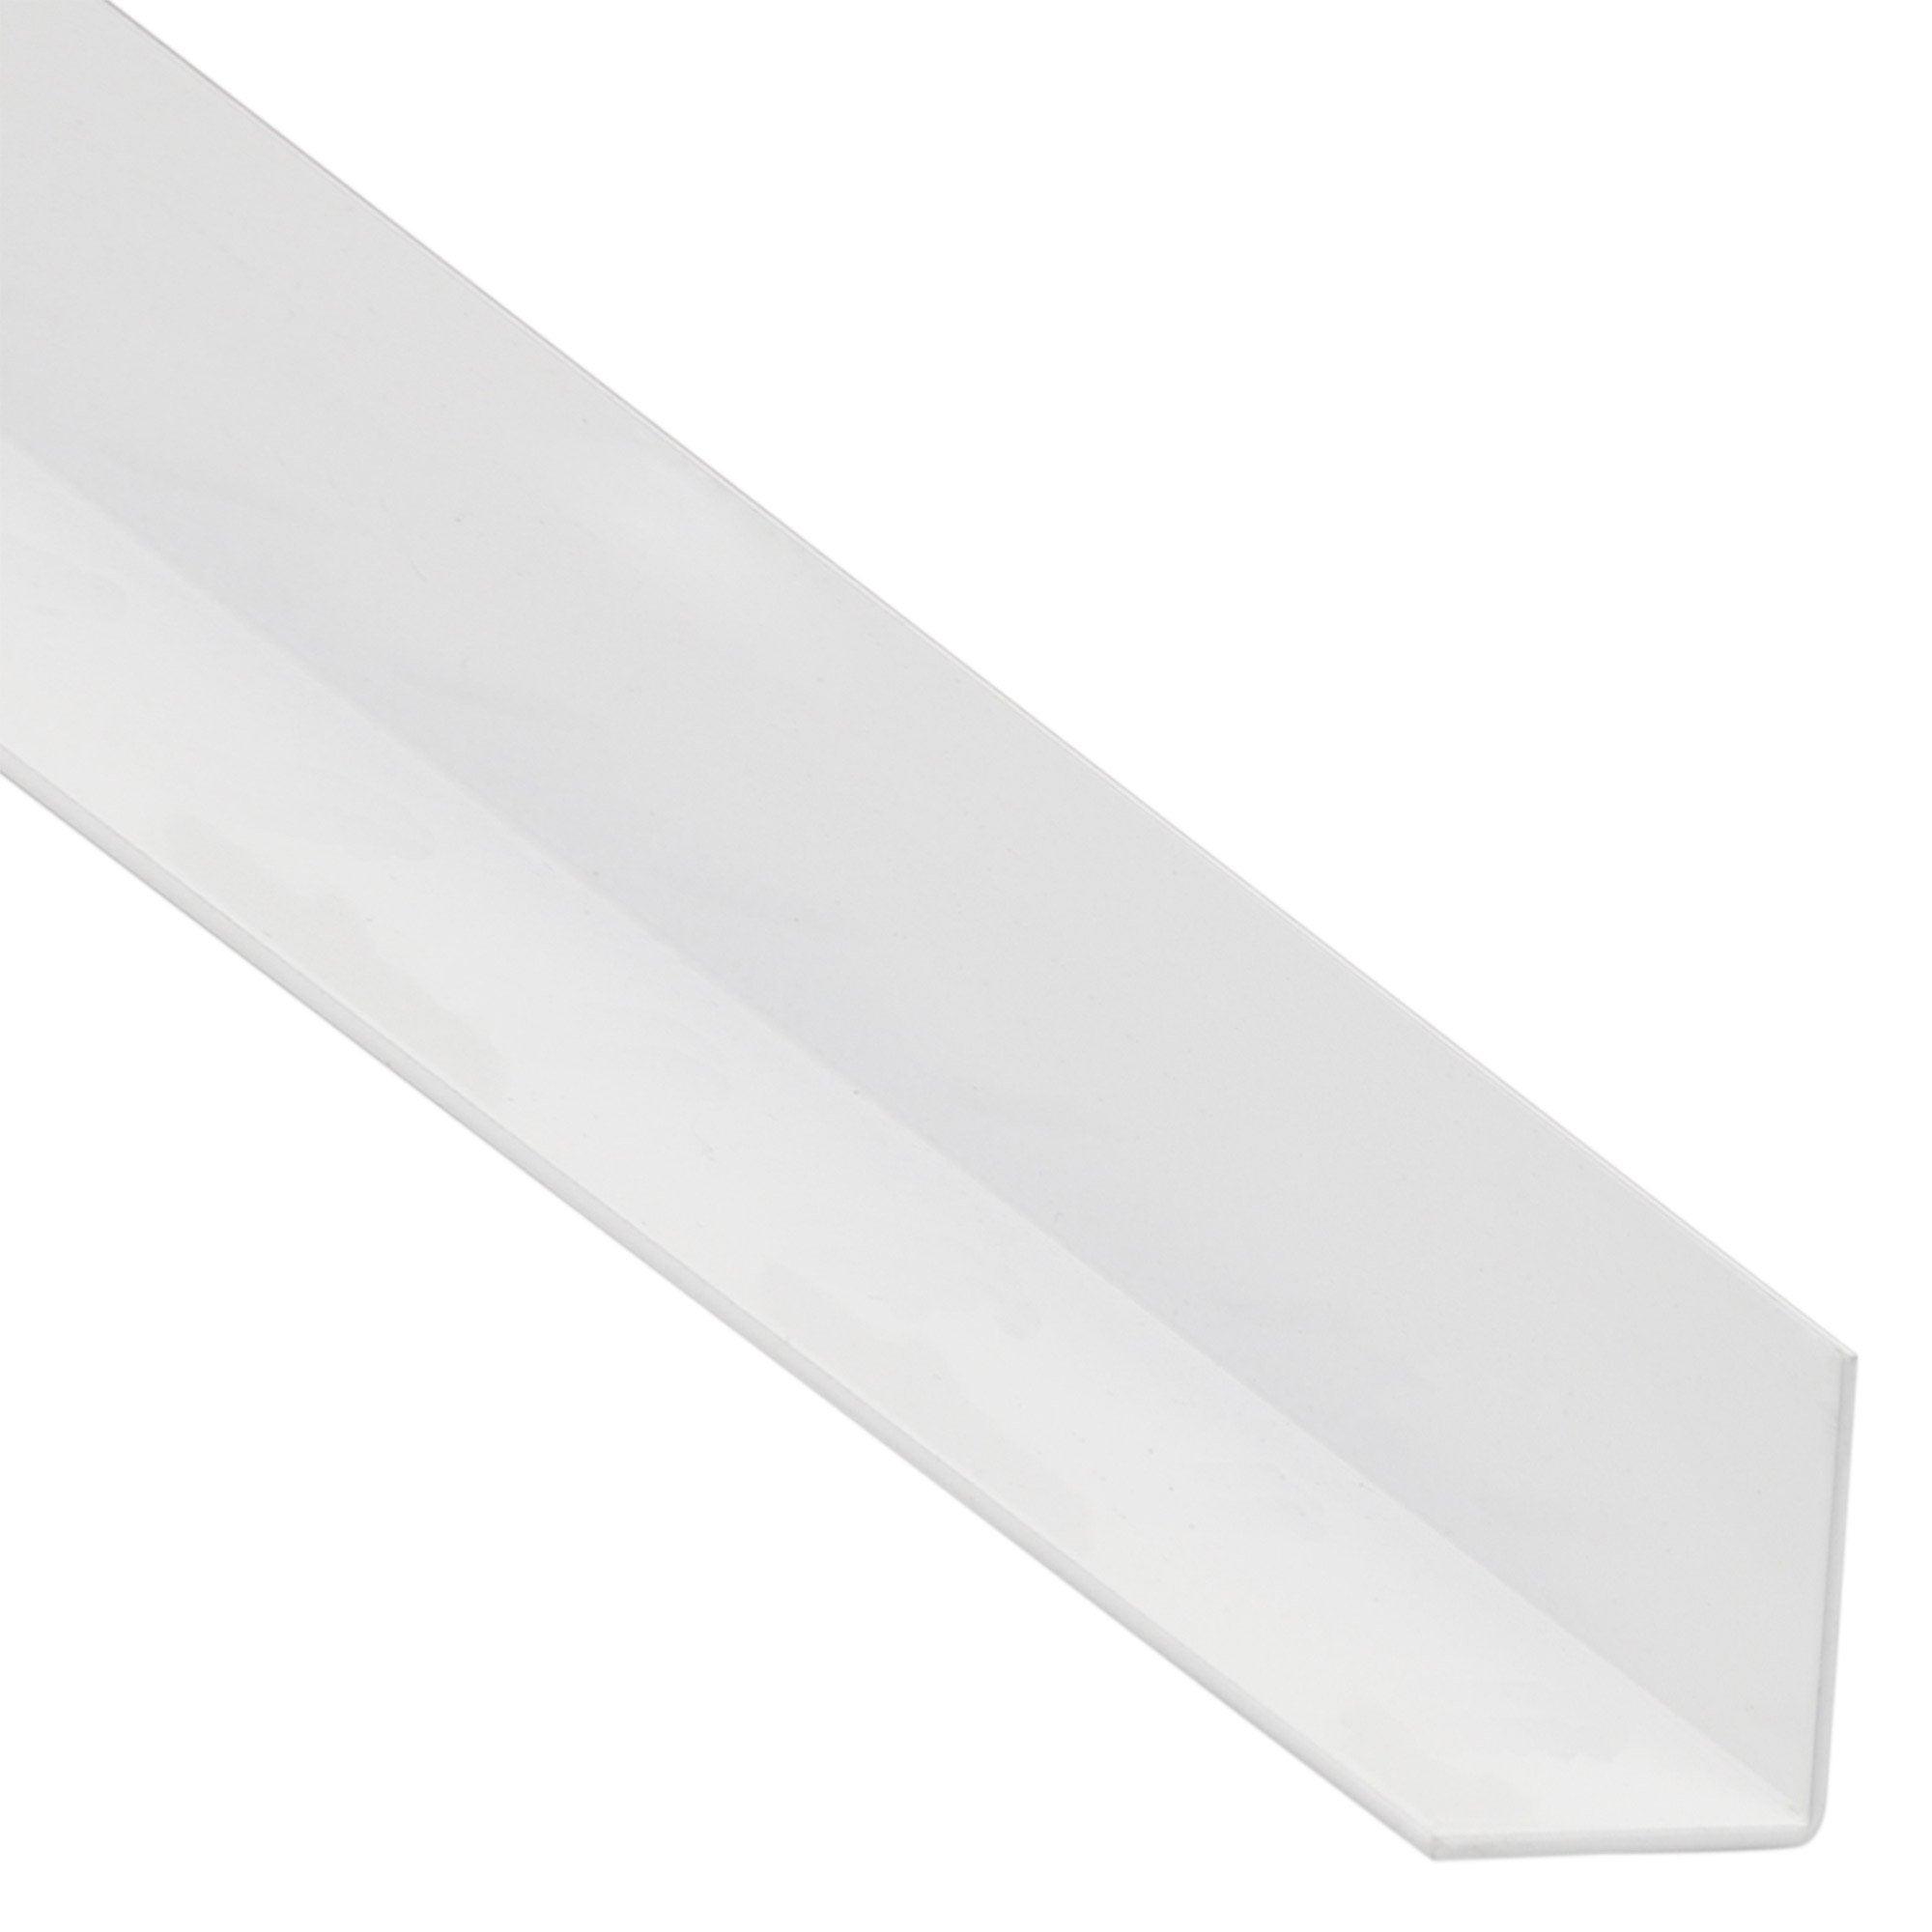 Cornière égale Acier Mat Blanc Perforé L2 M X L355 Cm X H355 Cm